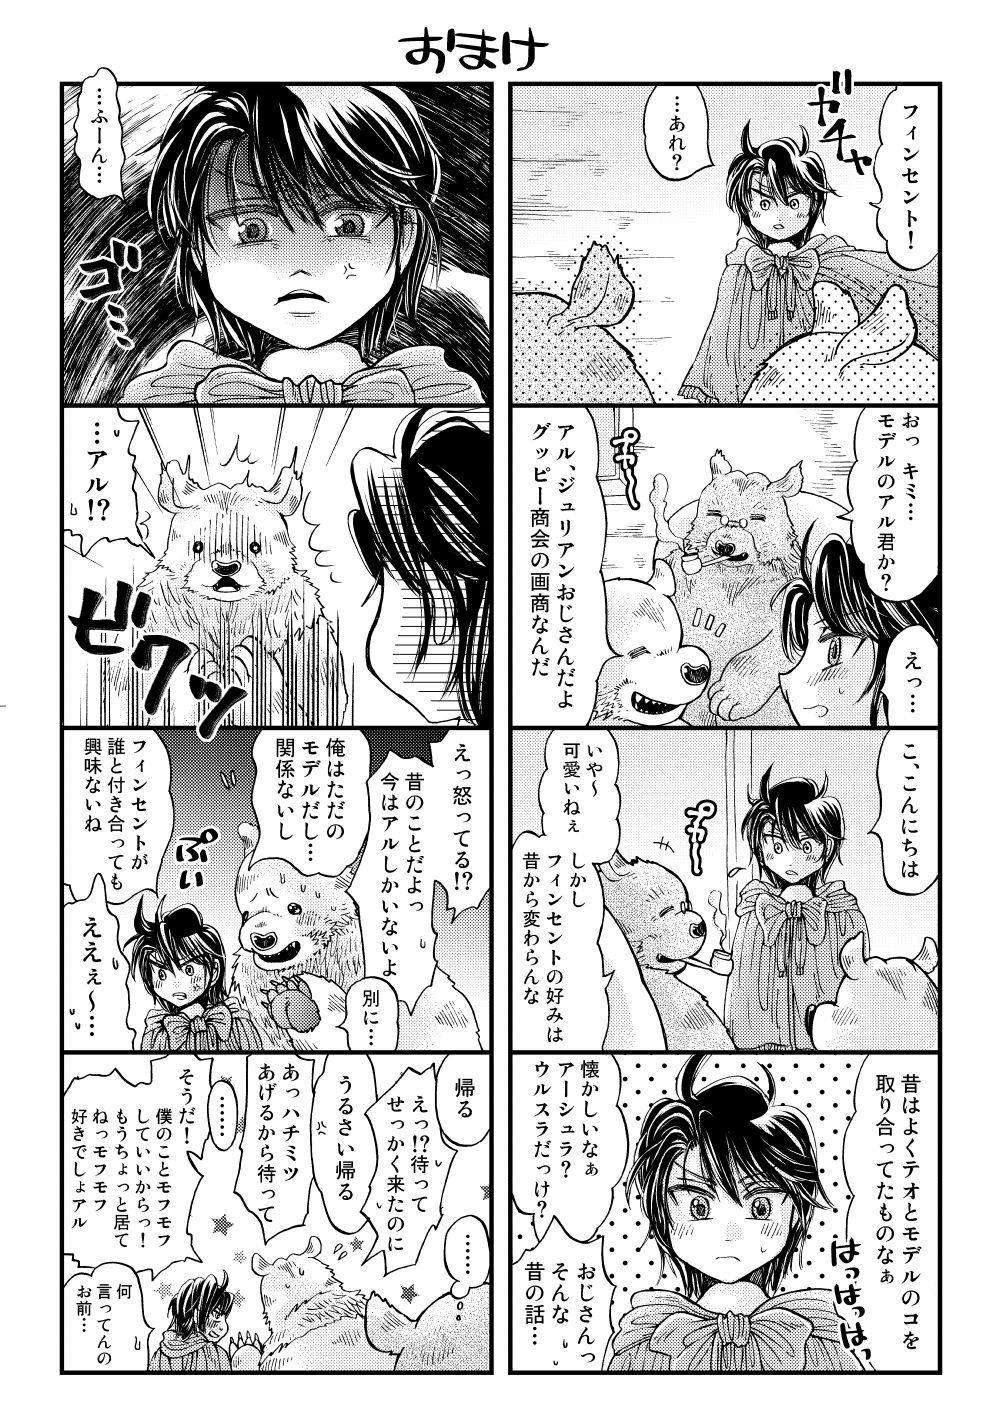 Mori no Kuma-san ni Aisare Sugite Mofu Mofu 46